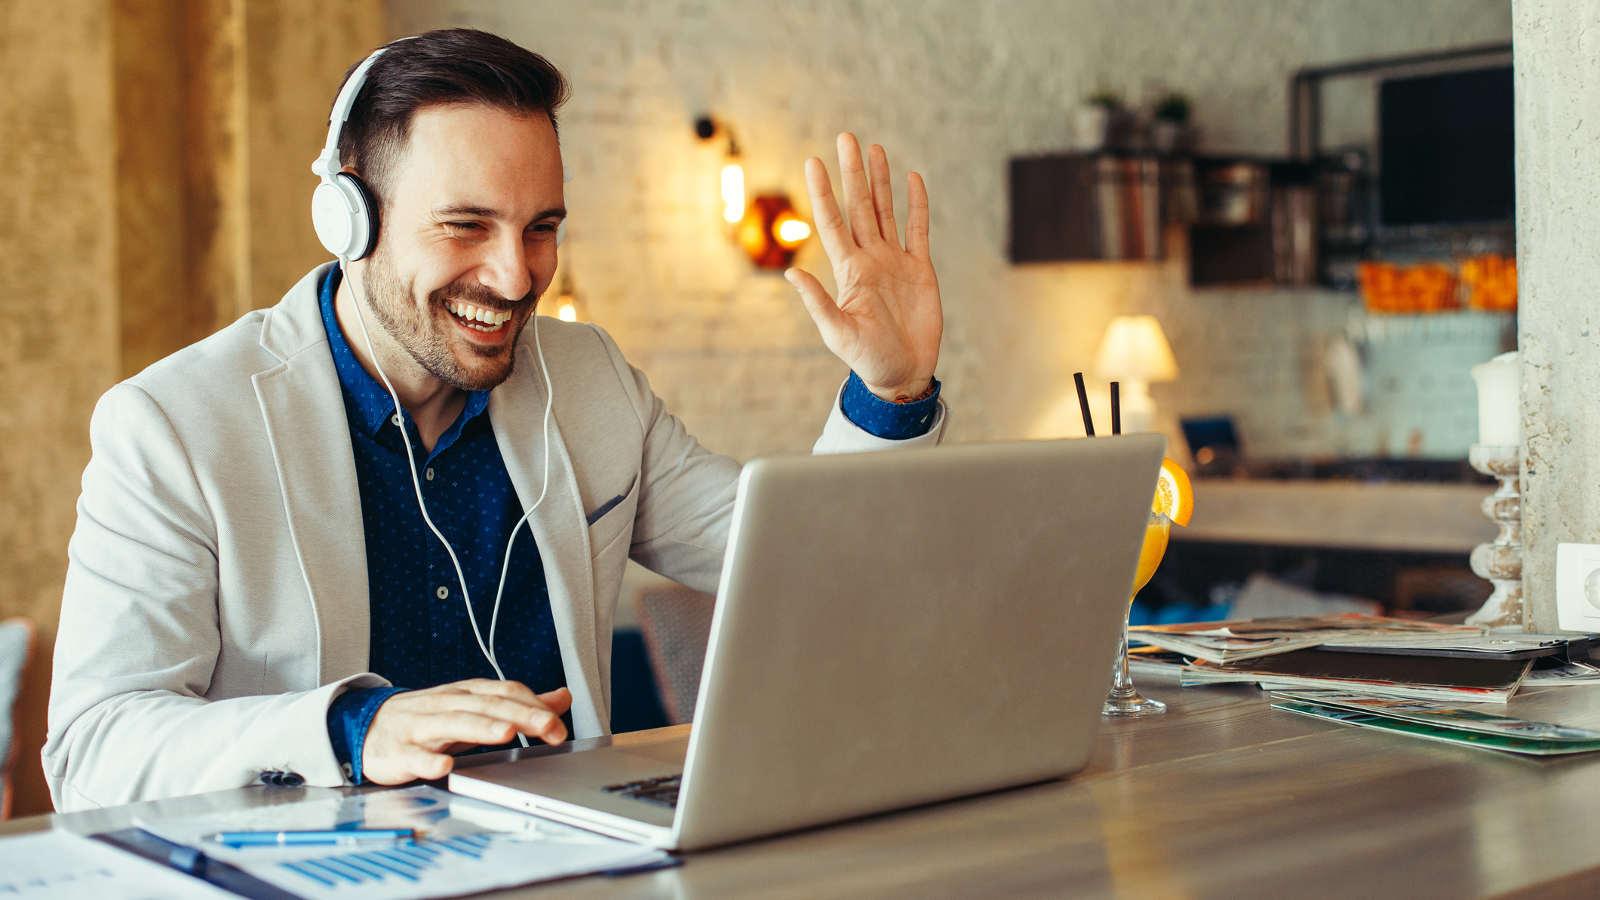 Mann nutzt Skype-Videochat am Laptop